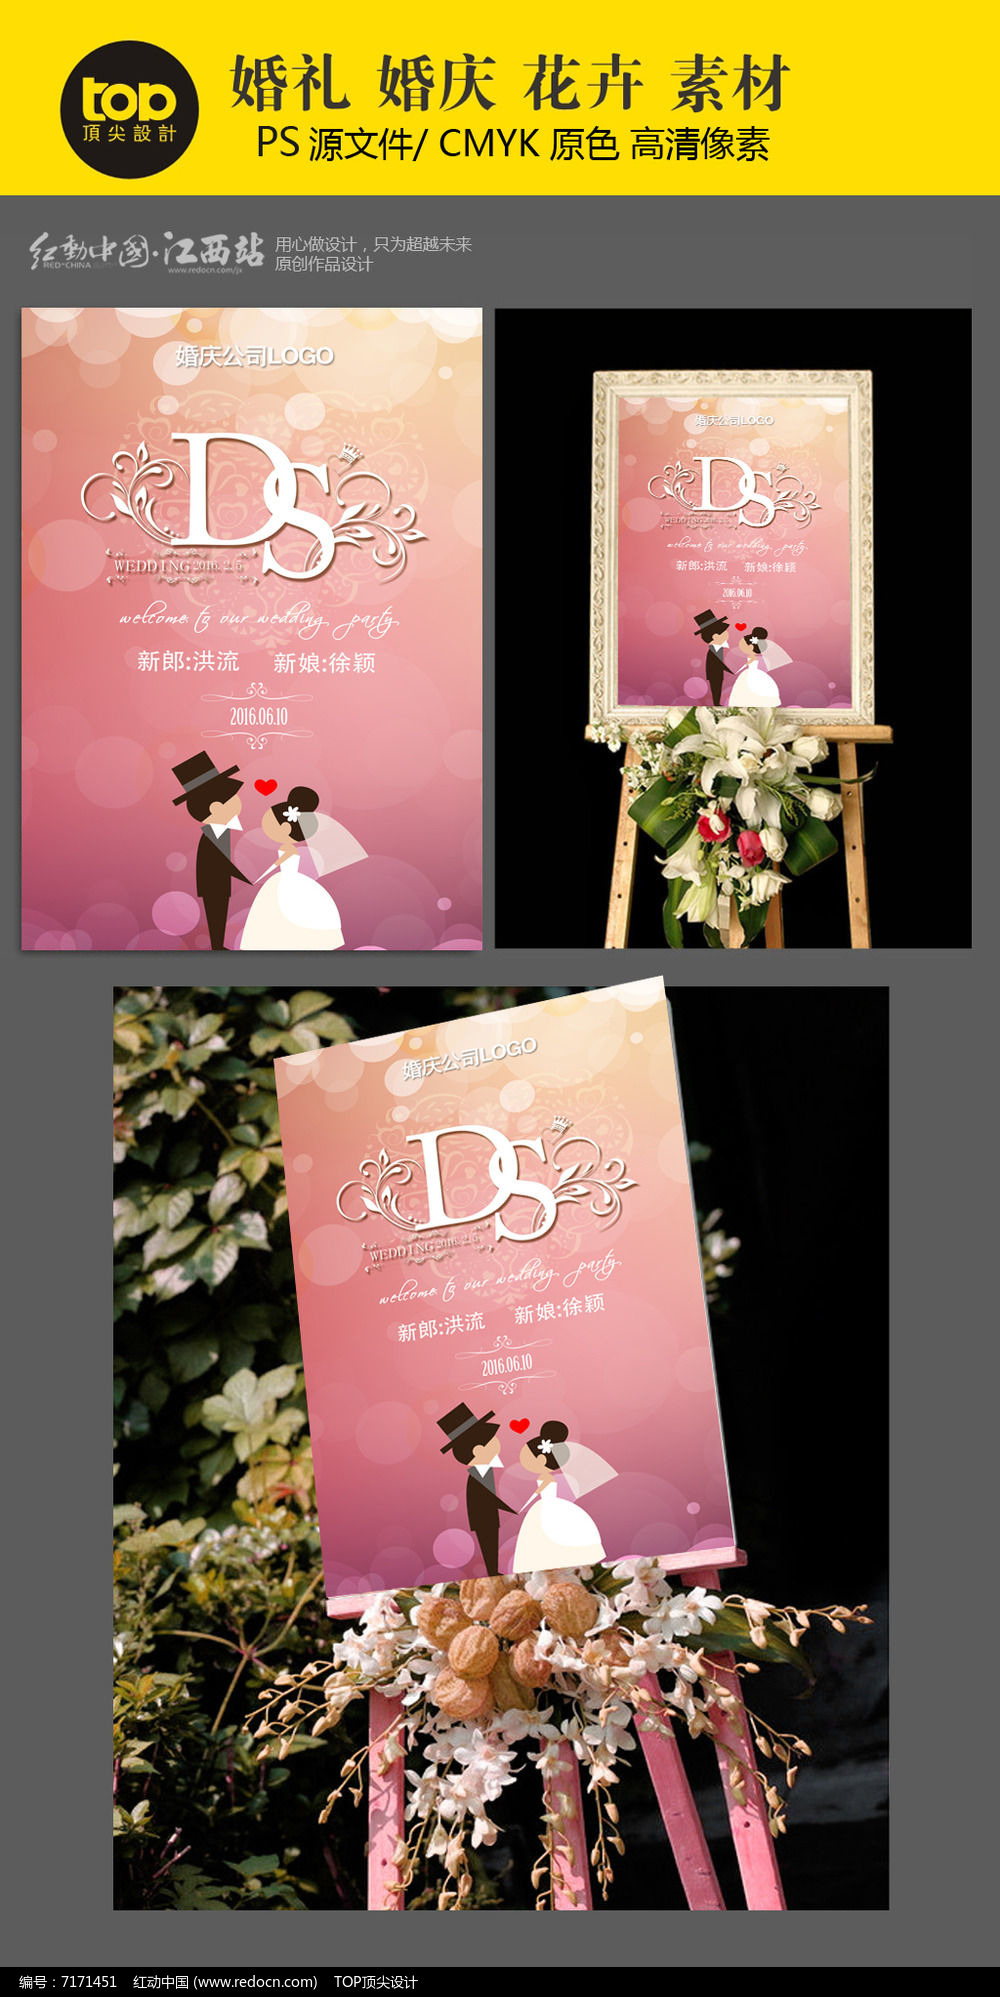 粉红色梦幻卡通婚礼海报迎宾牌海报设计图片